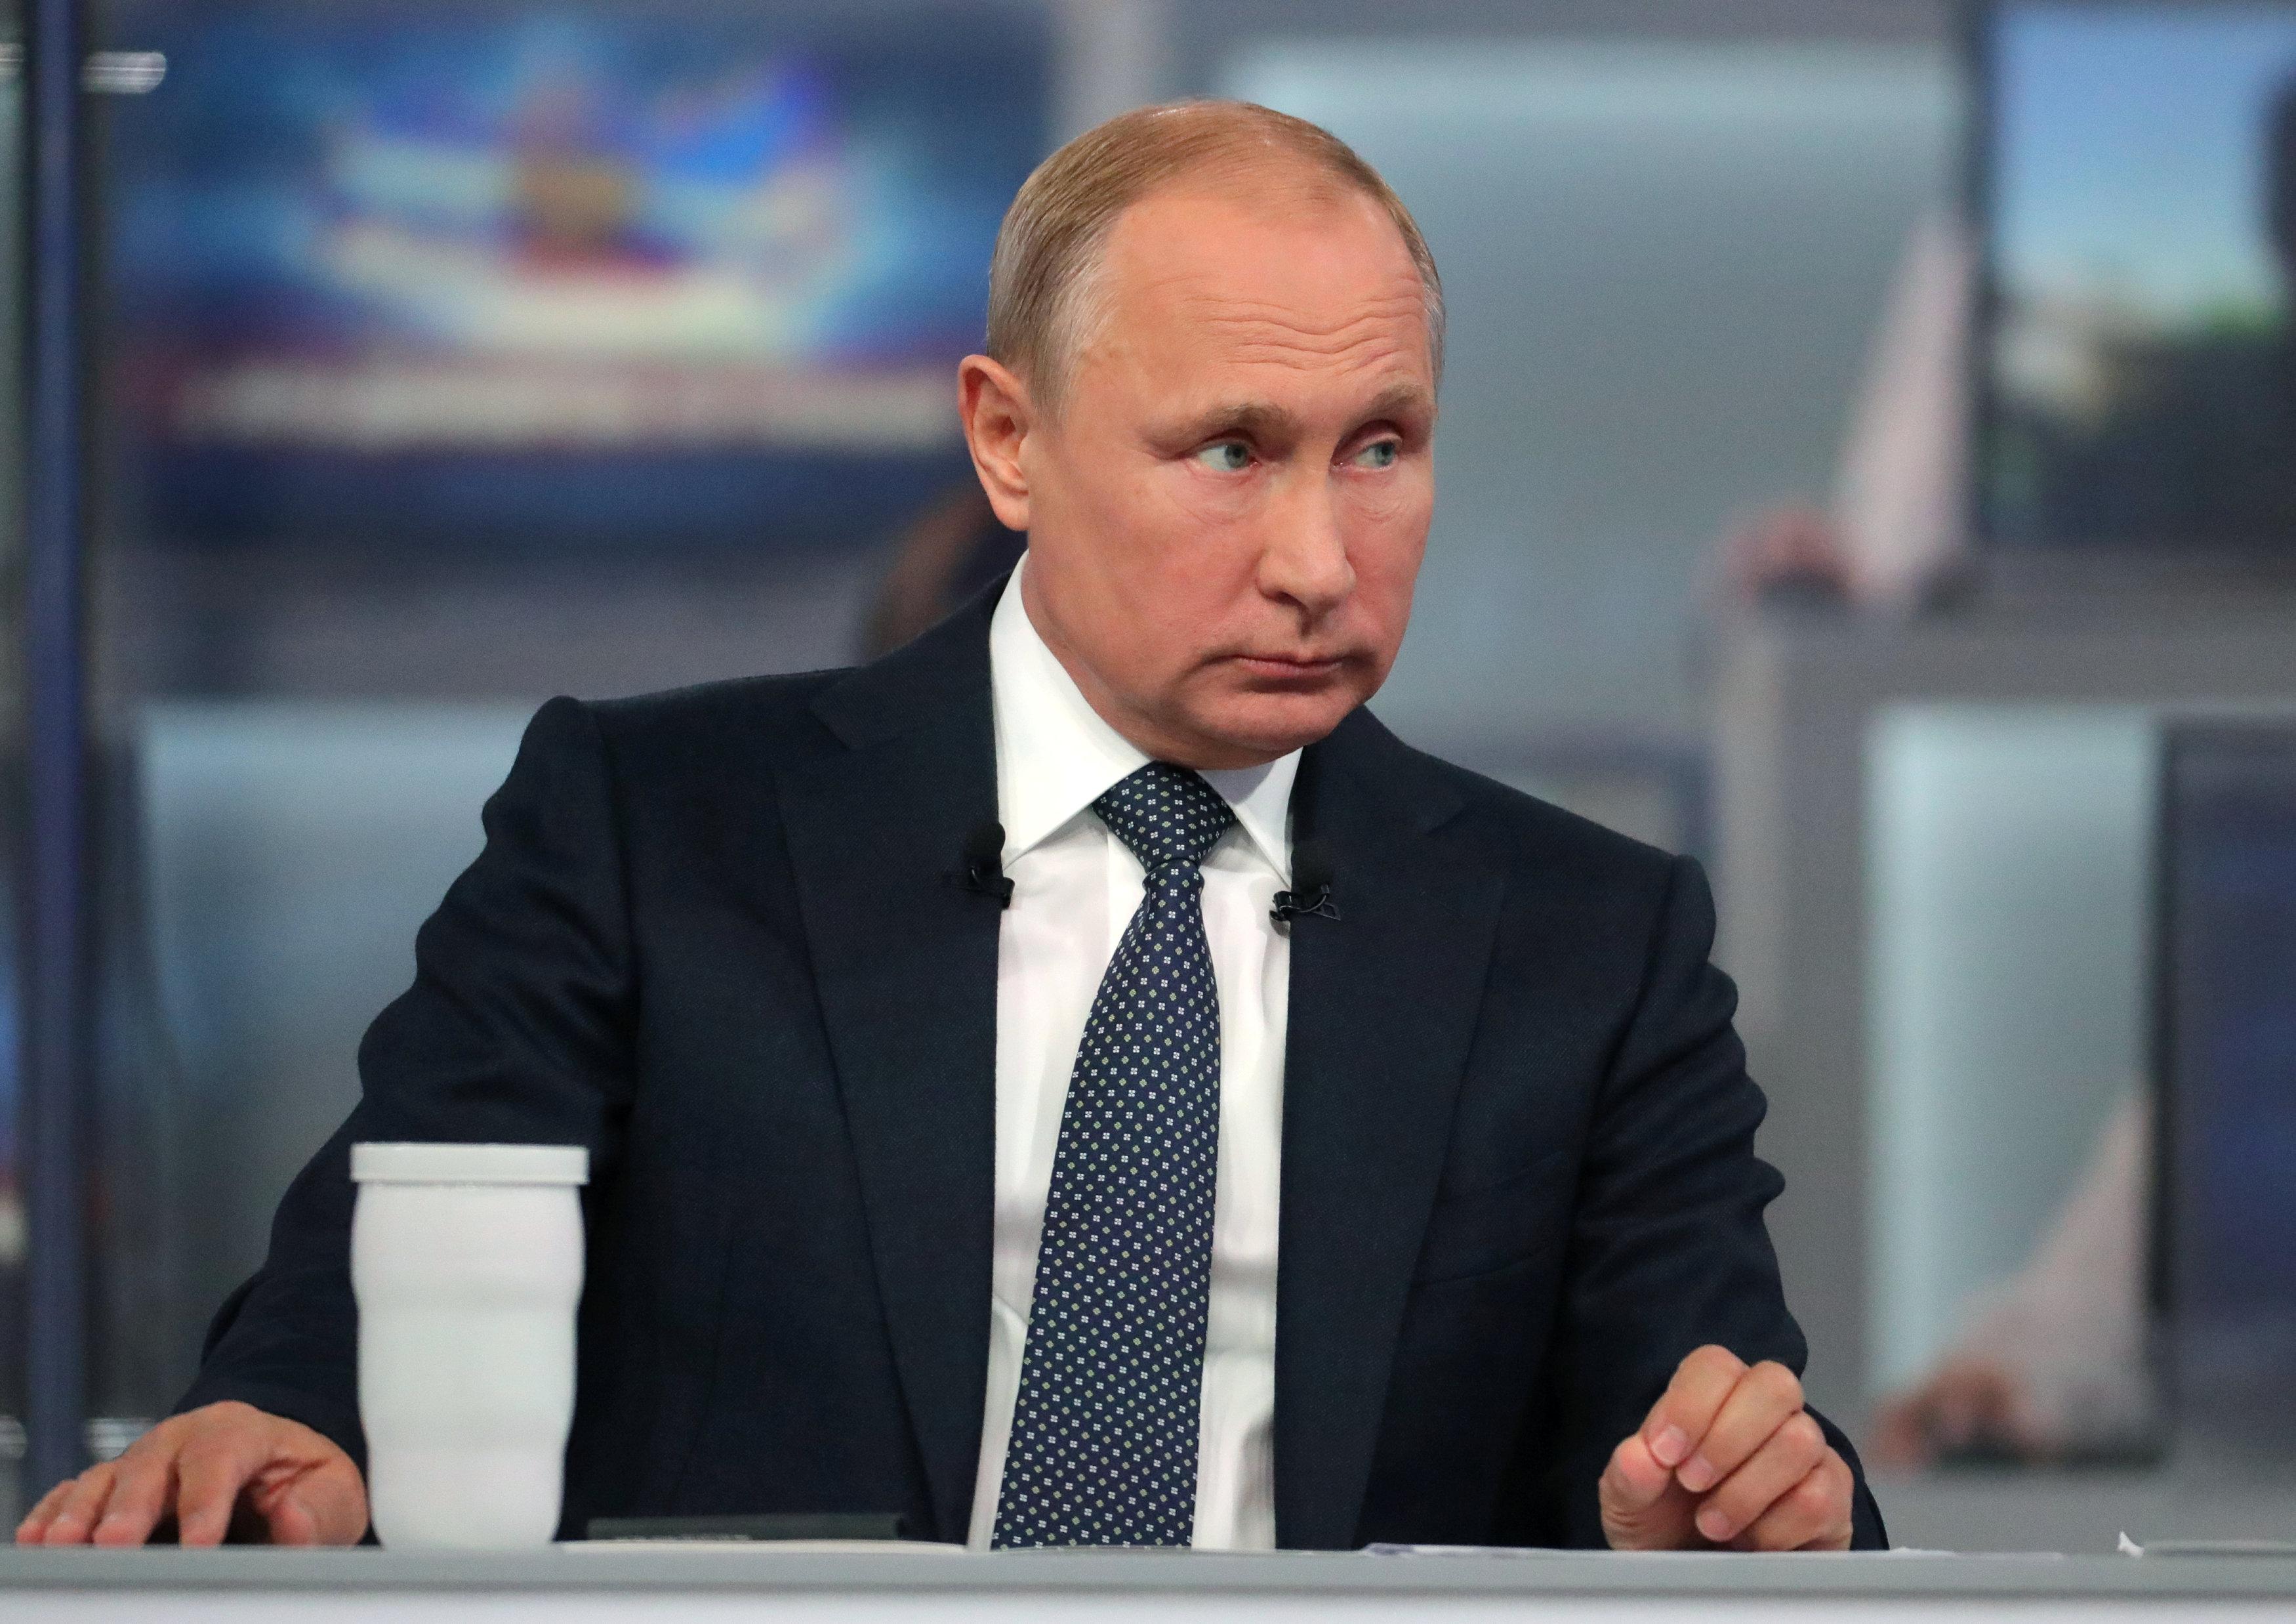 Генерал полагает, что Владимир Путин попытается привести к власти в Украине пророссийские силы